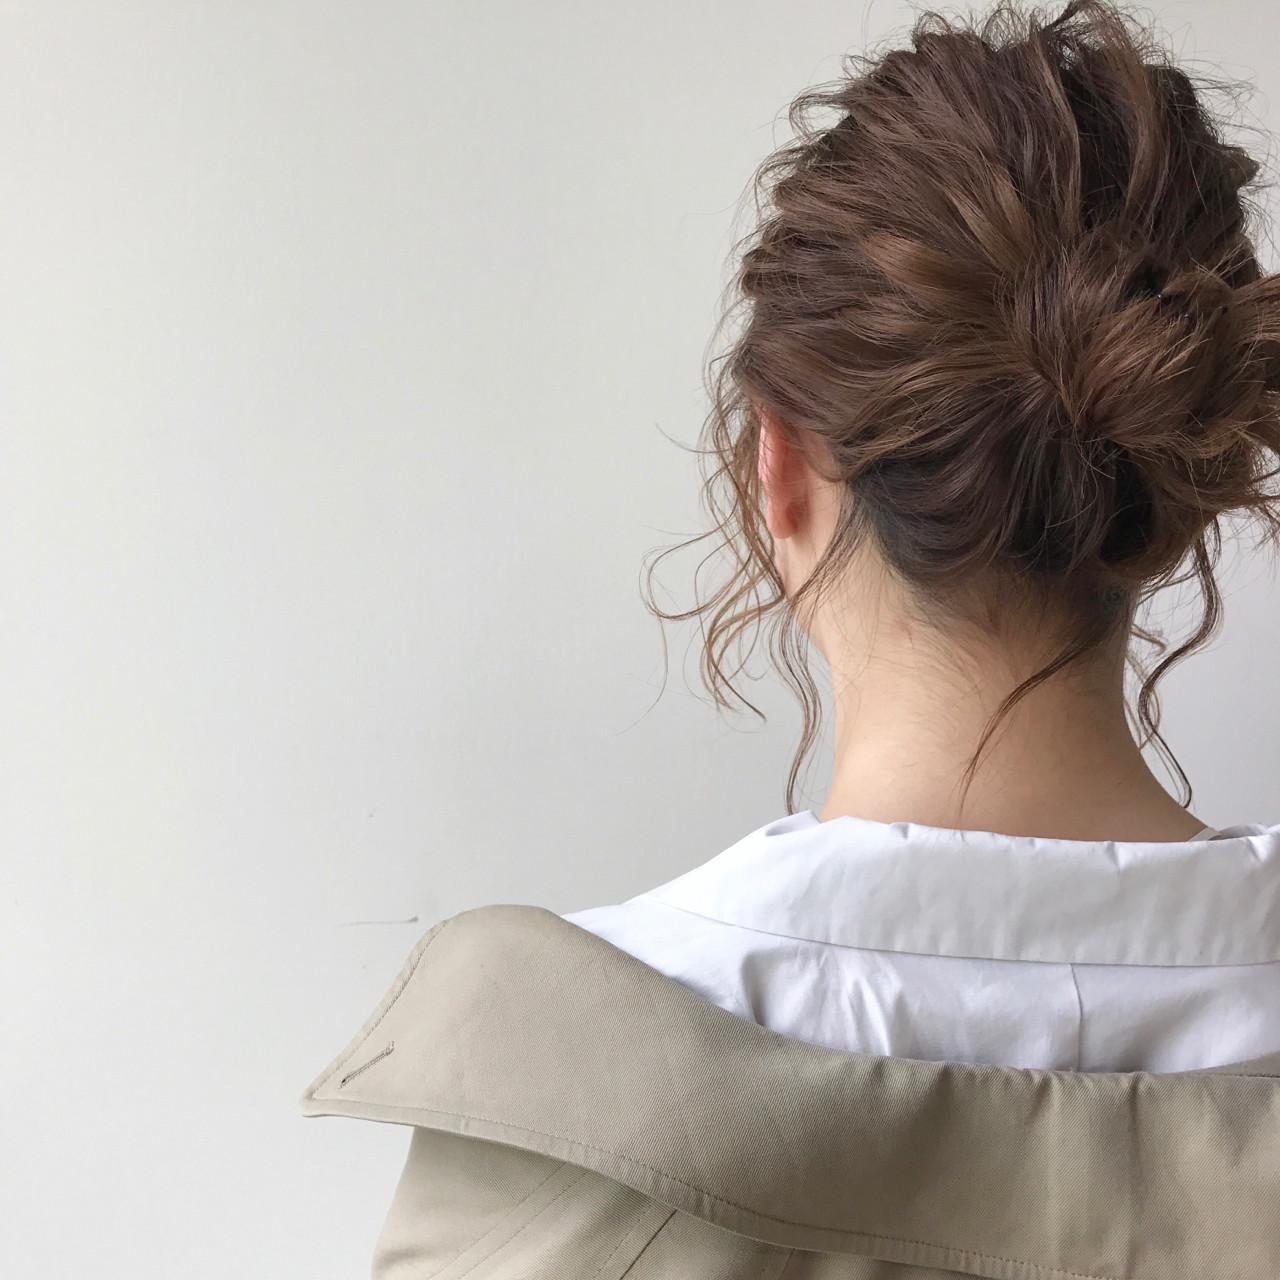 ヘアアレンジ ナチュラル 簡単ヘアアレンジ ショート ヘアスタイルや髪型の写真・画像